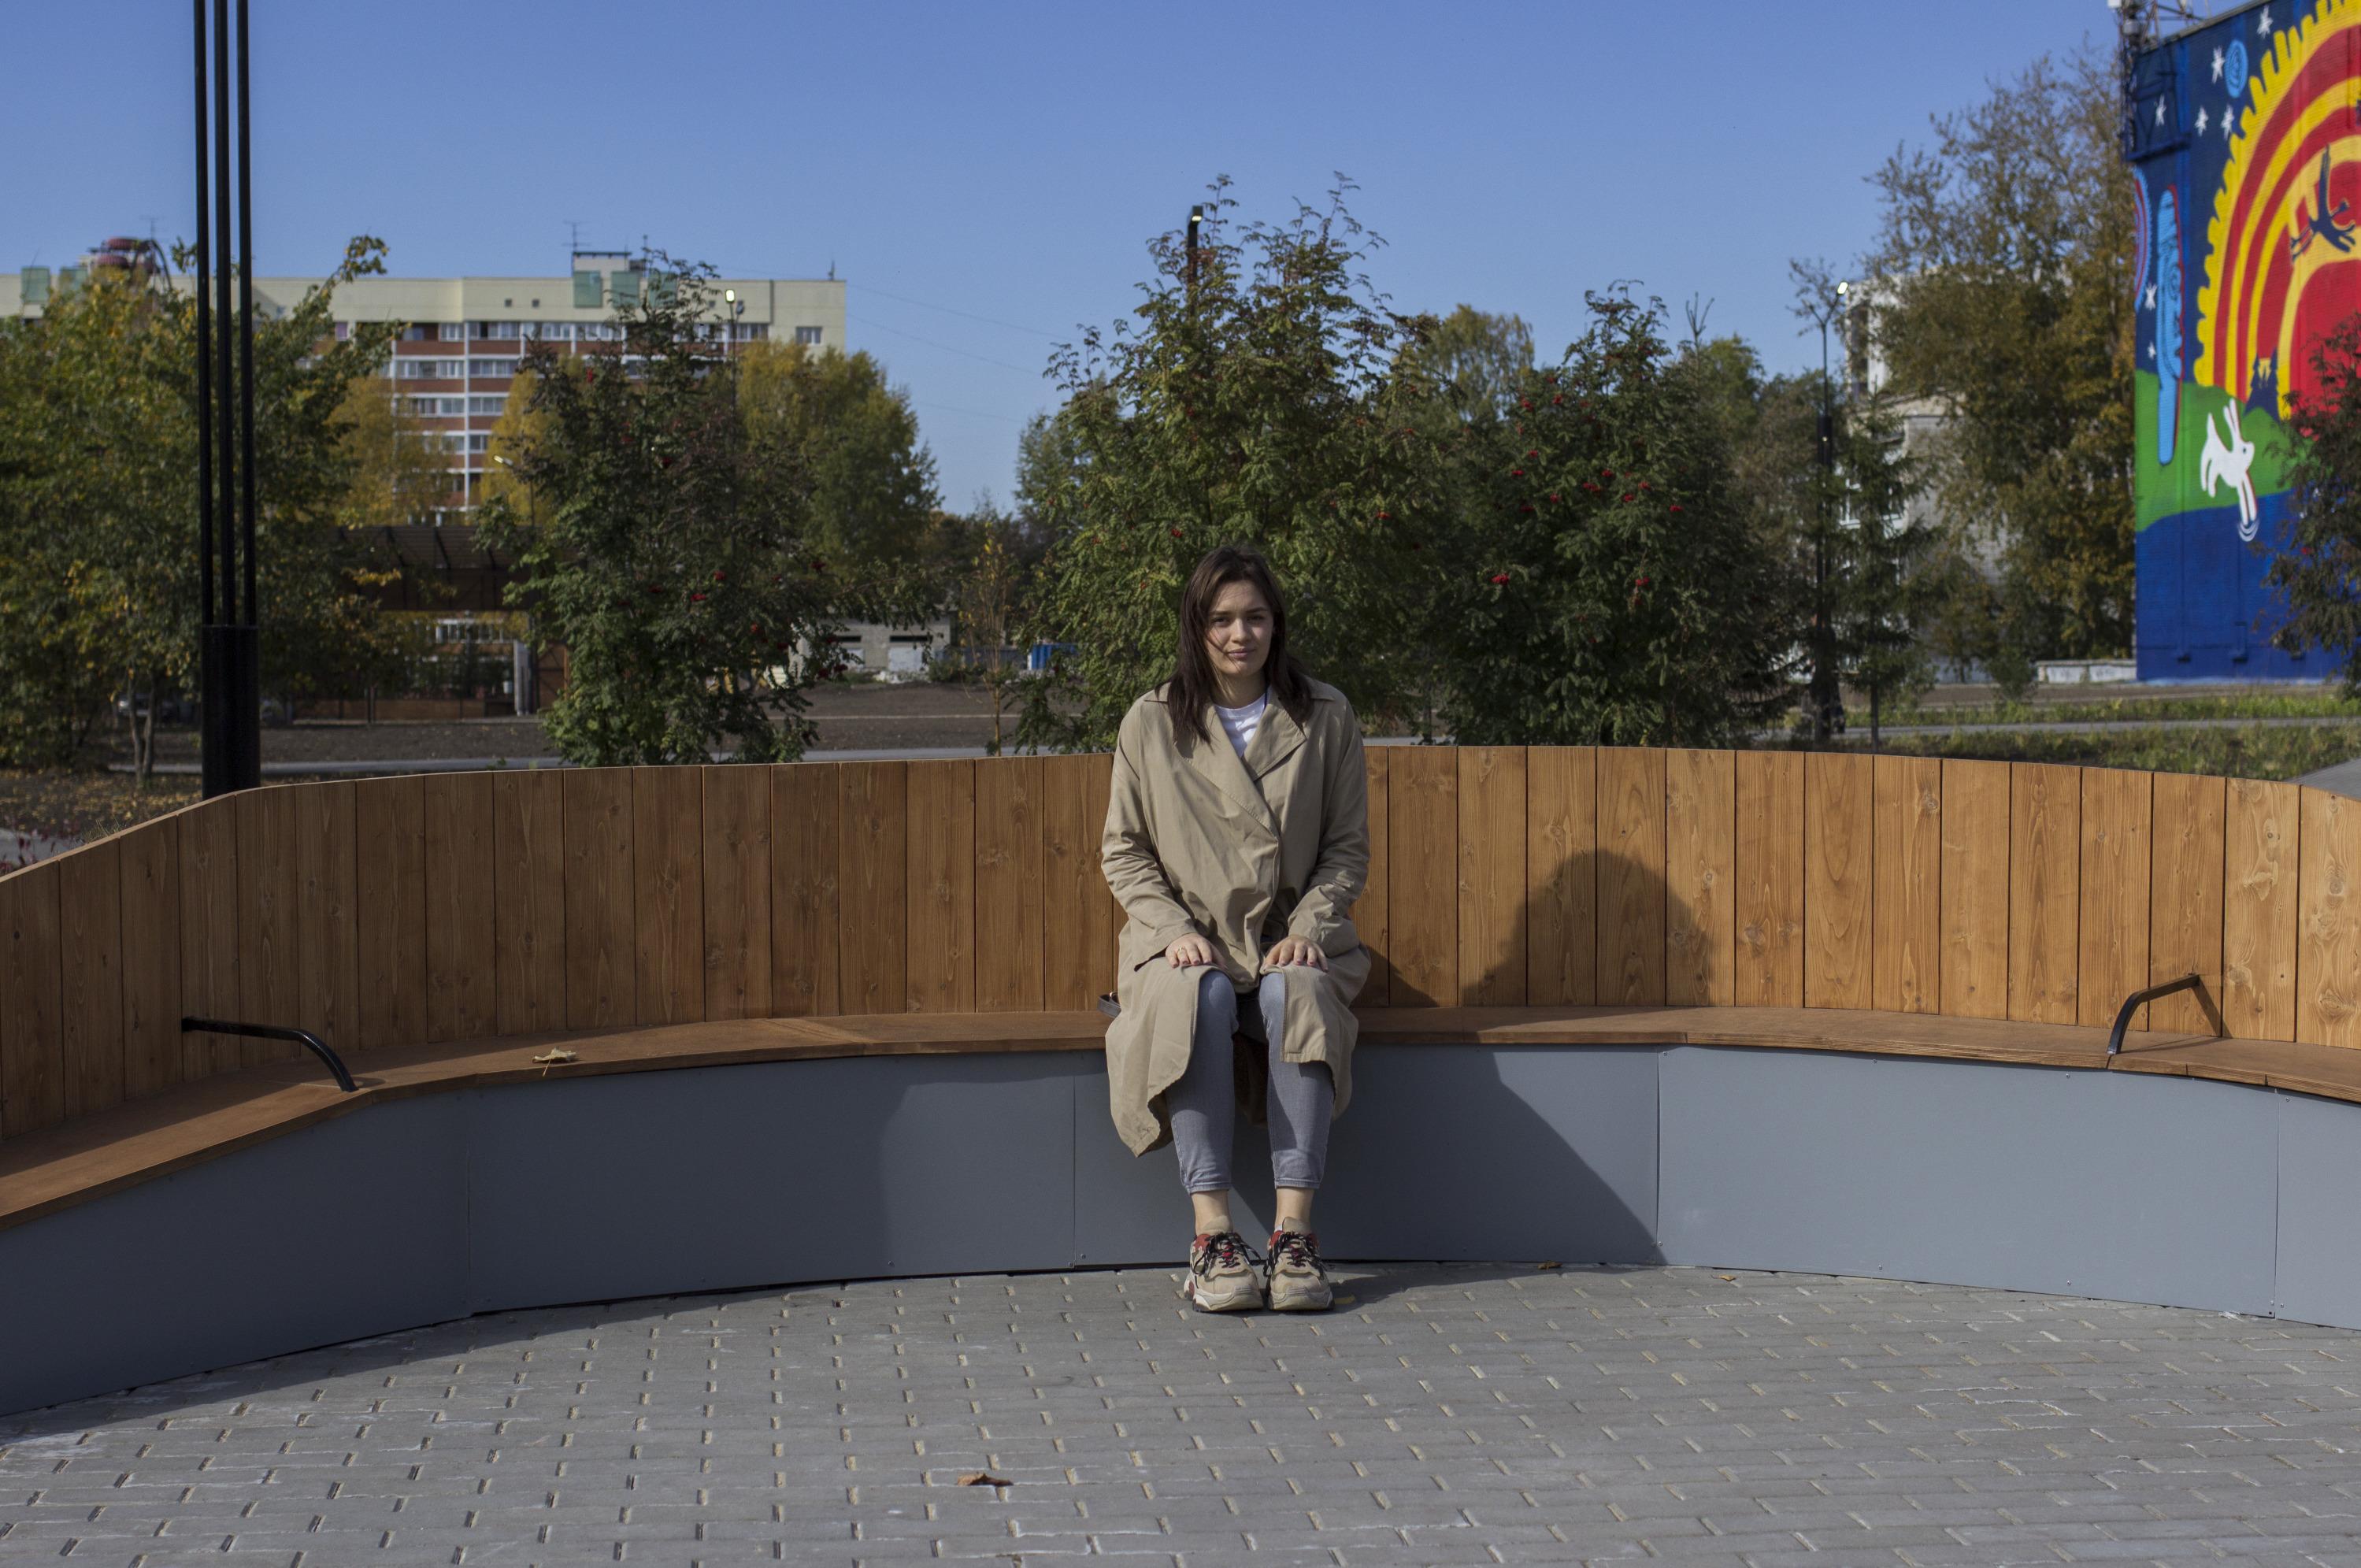 Благодаря единому фирменному стилю окраина города на левом берегу стала выглядеть не хуже центра Новосибирска — здесь появились новые скамейки и современное освещение